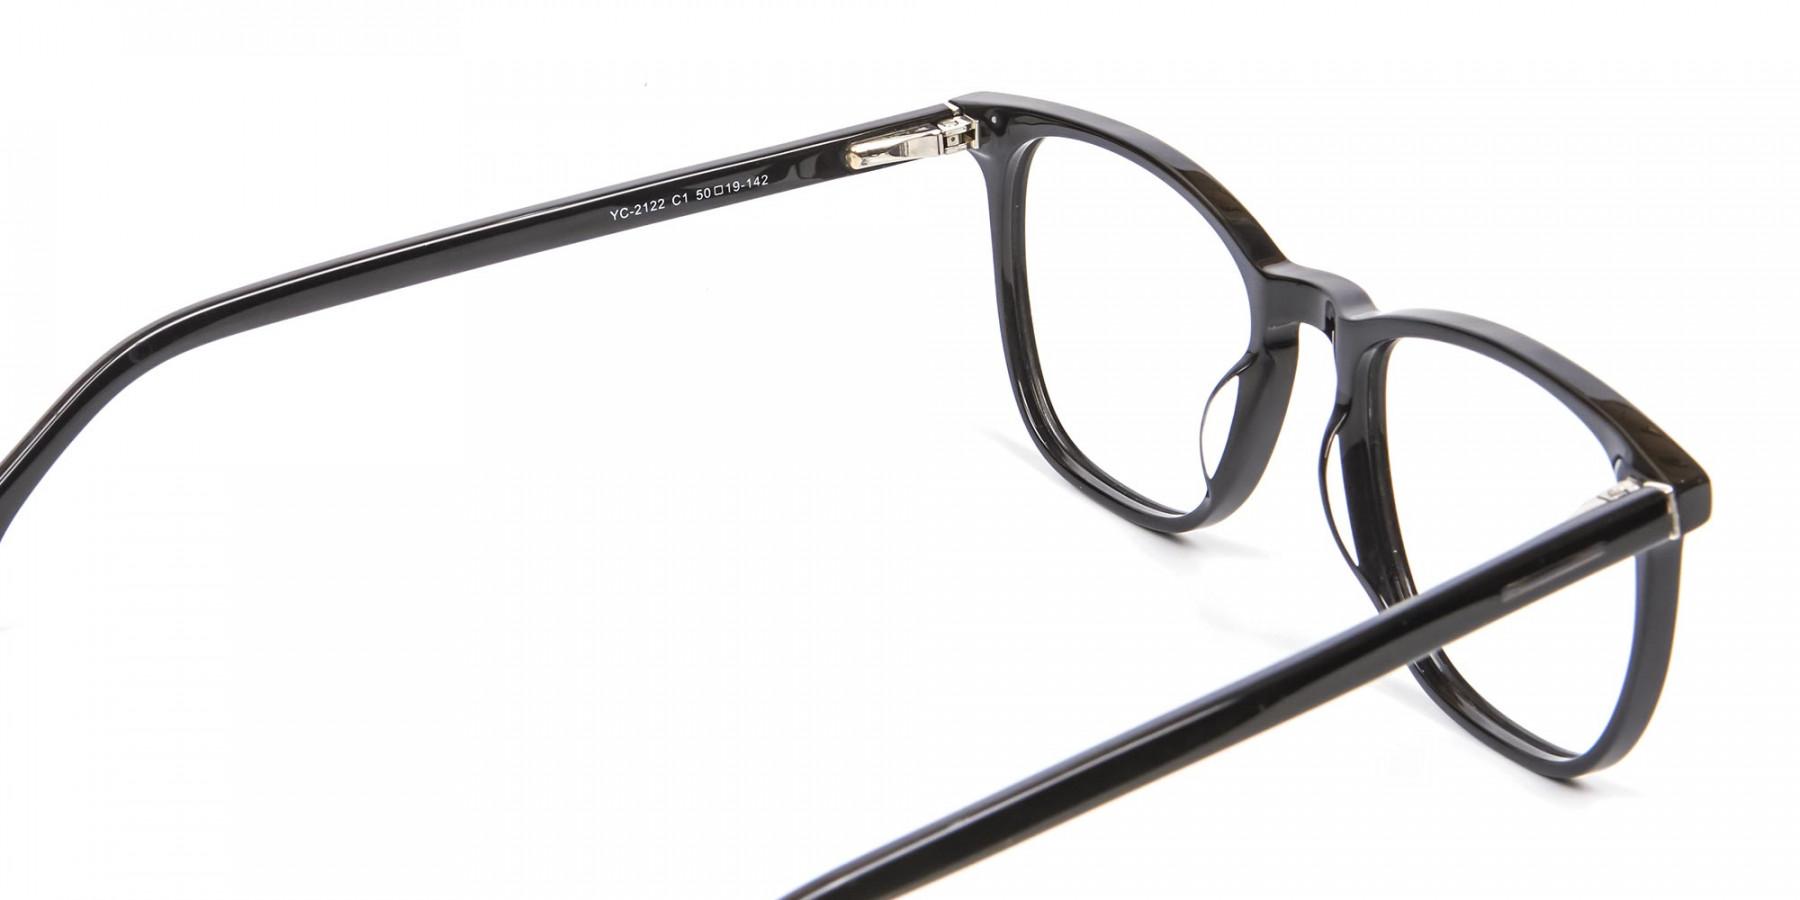 Designer Glasses in Wayfarer Style - 1